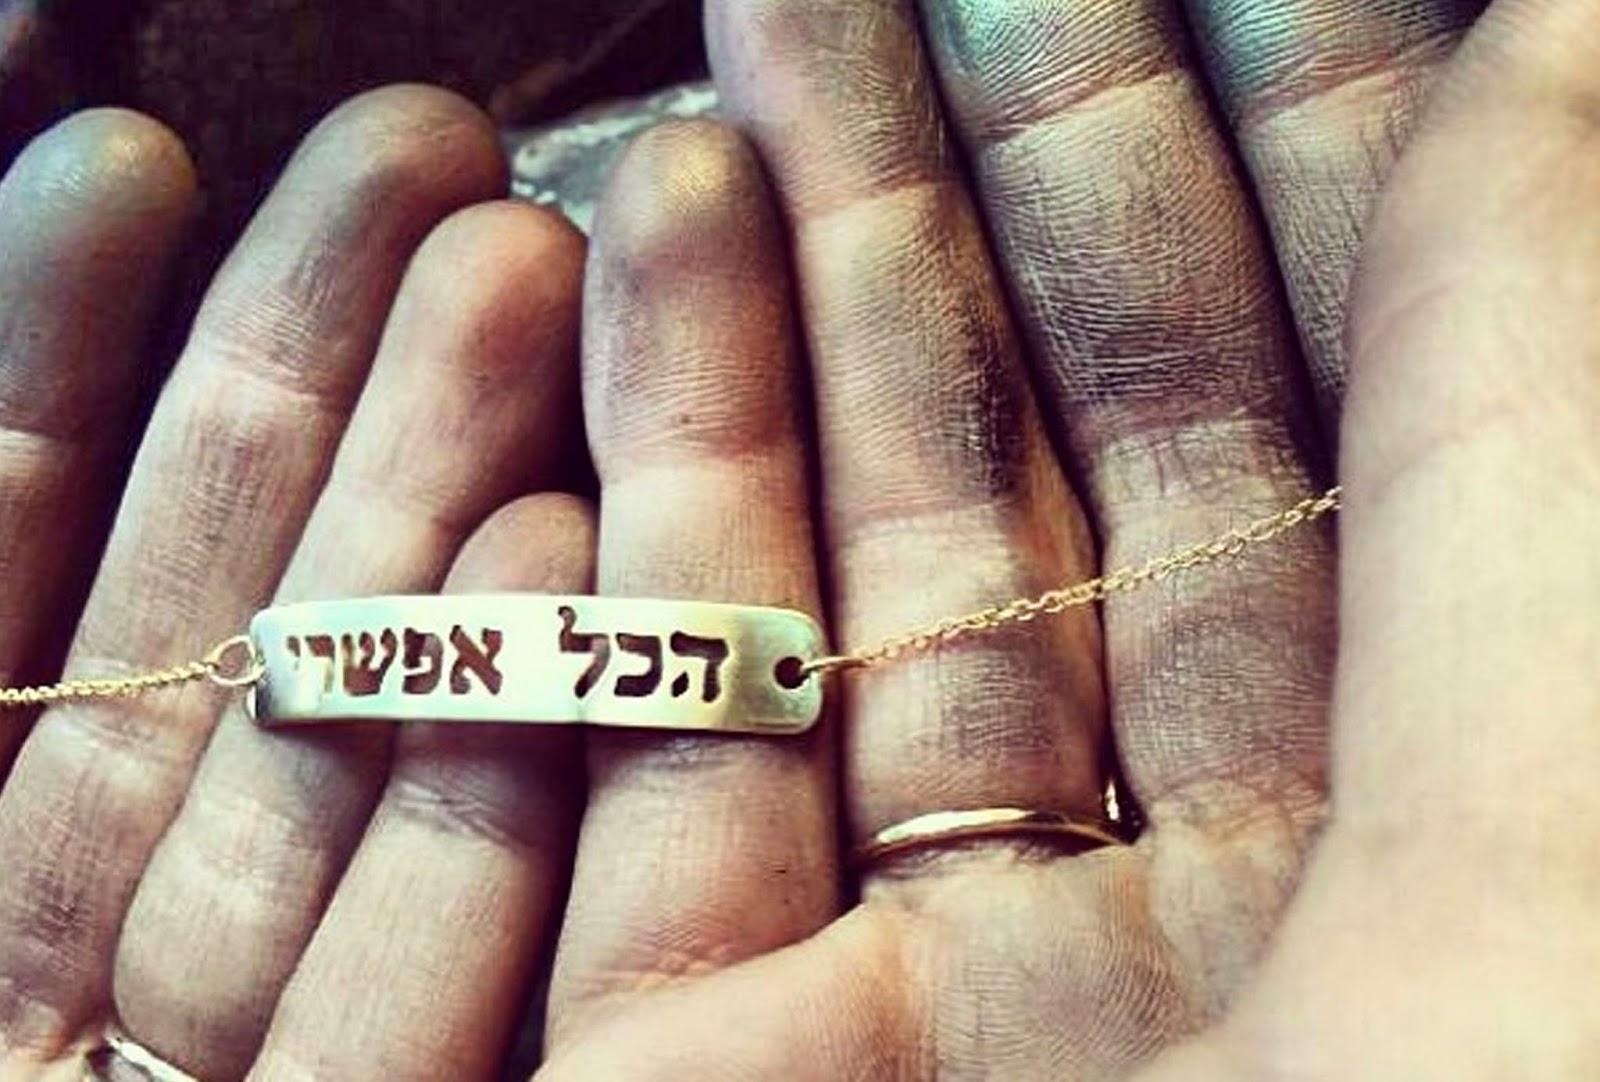 צמיד זהב הכל אפשרי